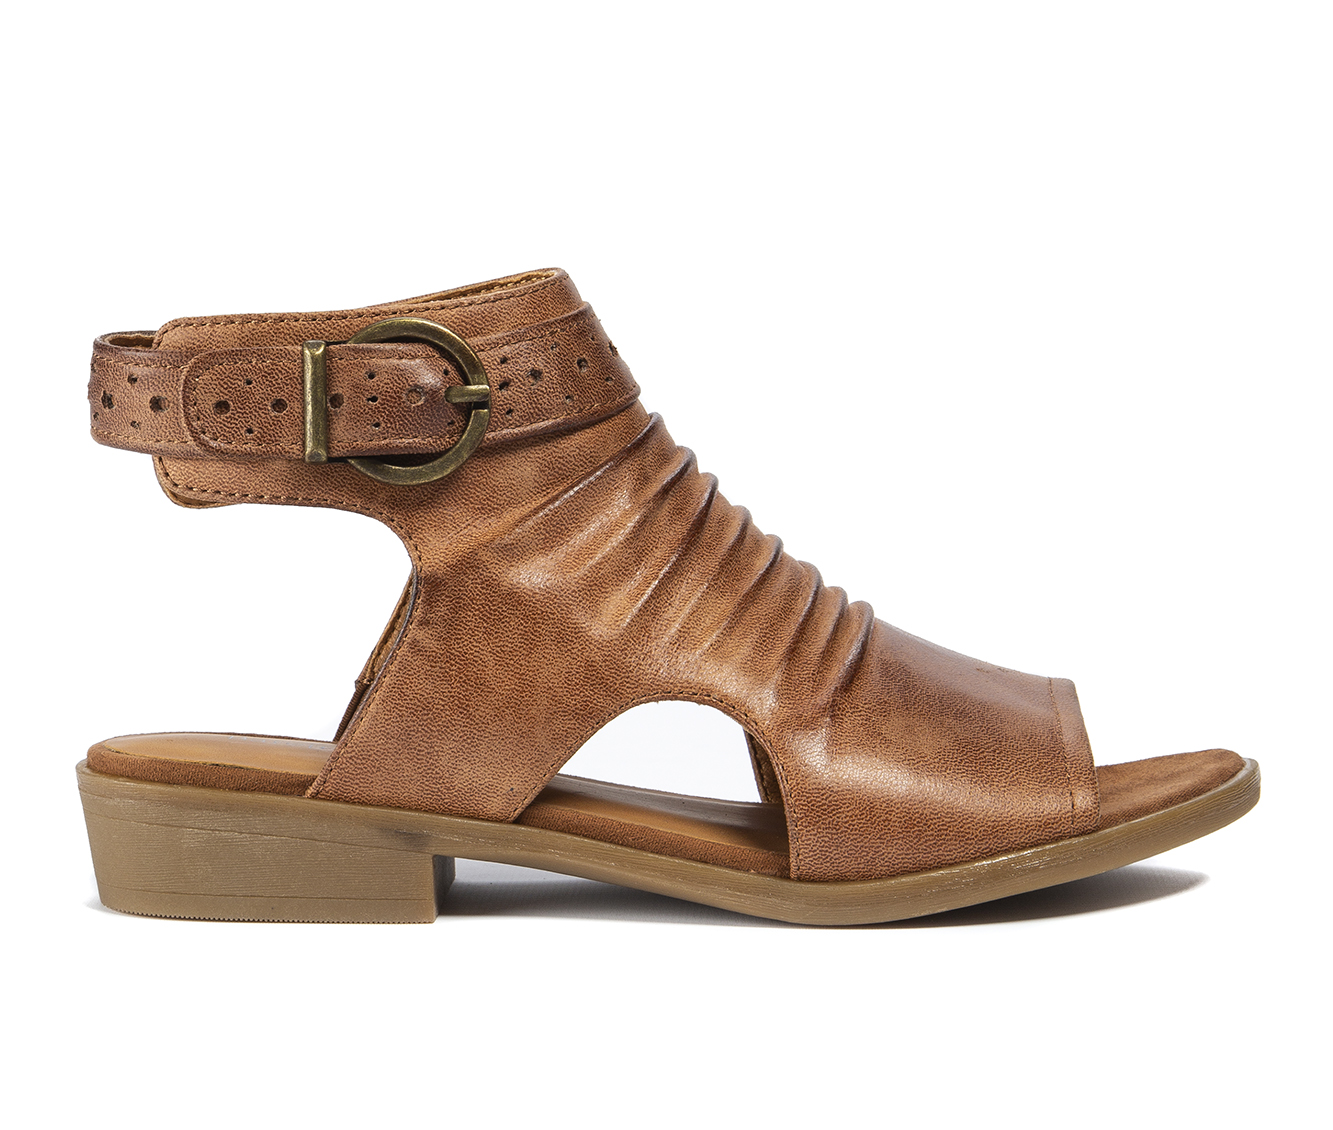 Baretraps Sheridyn Women's Sandal (Brown Faux Leather)